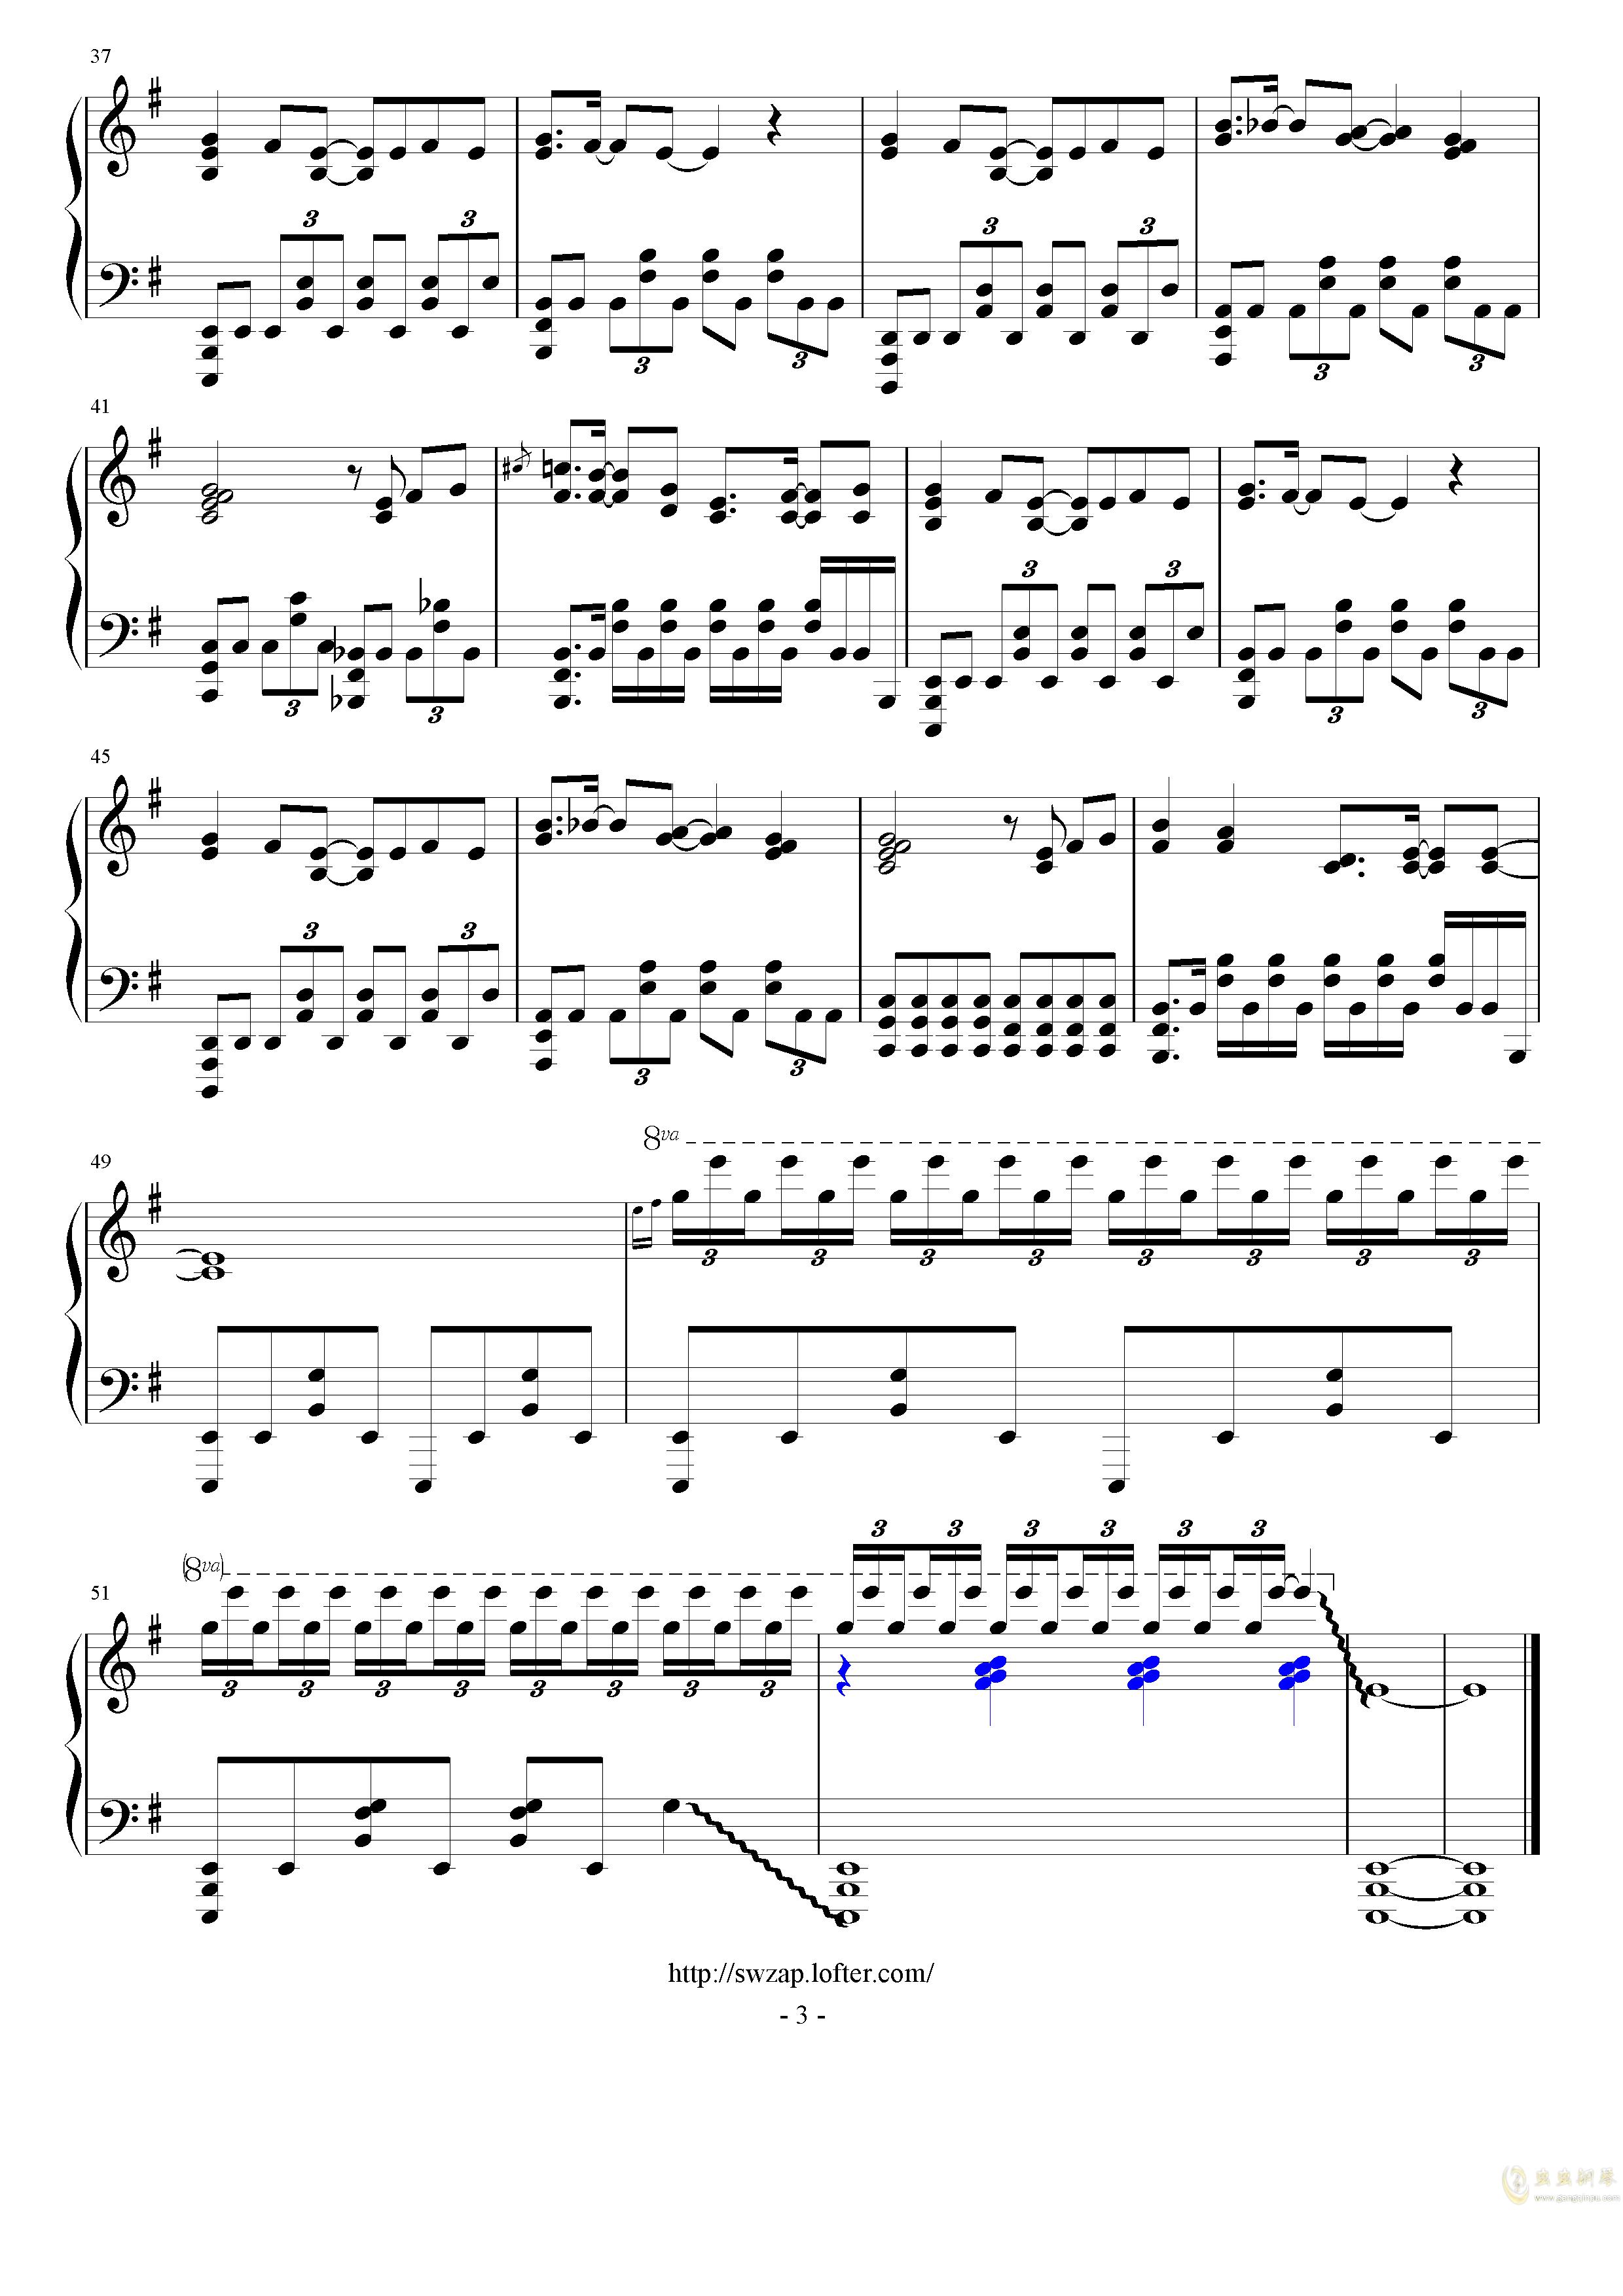 JoJo的奇妙冒险 黄金之风钢琴谱 第3页